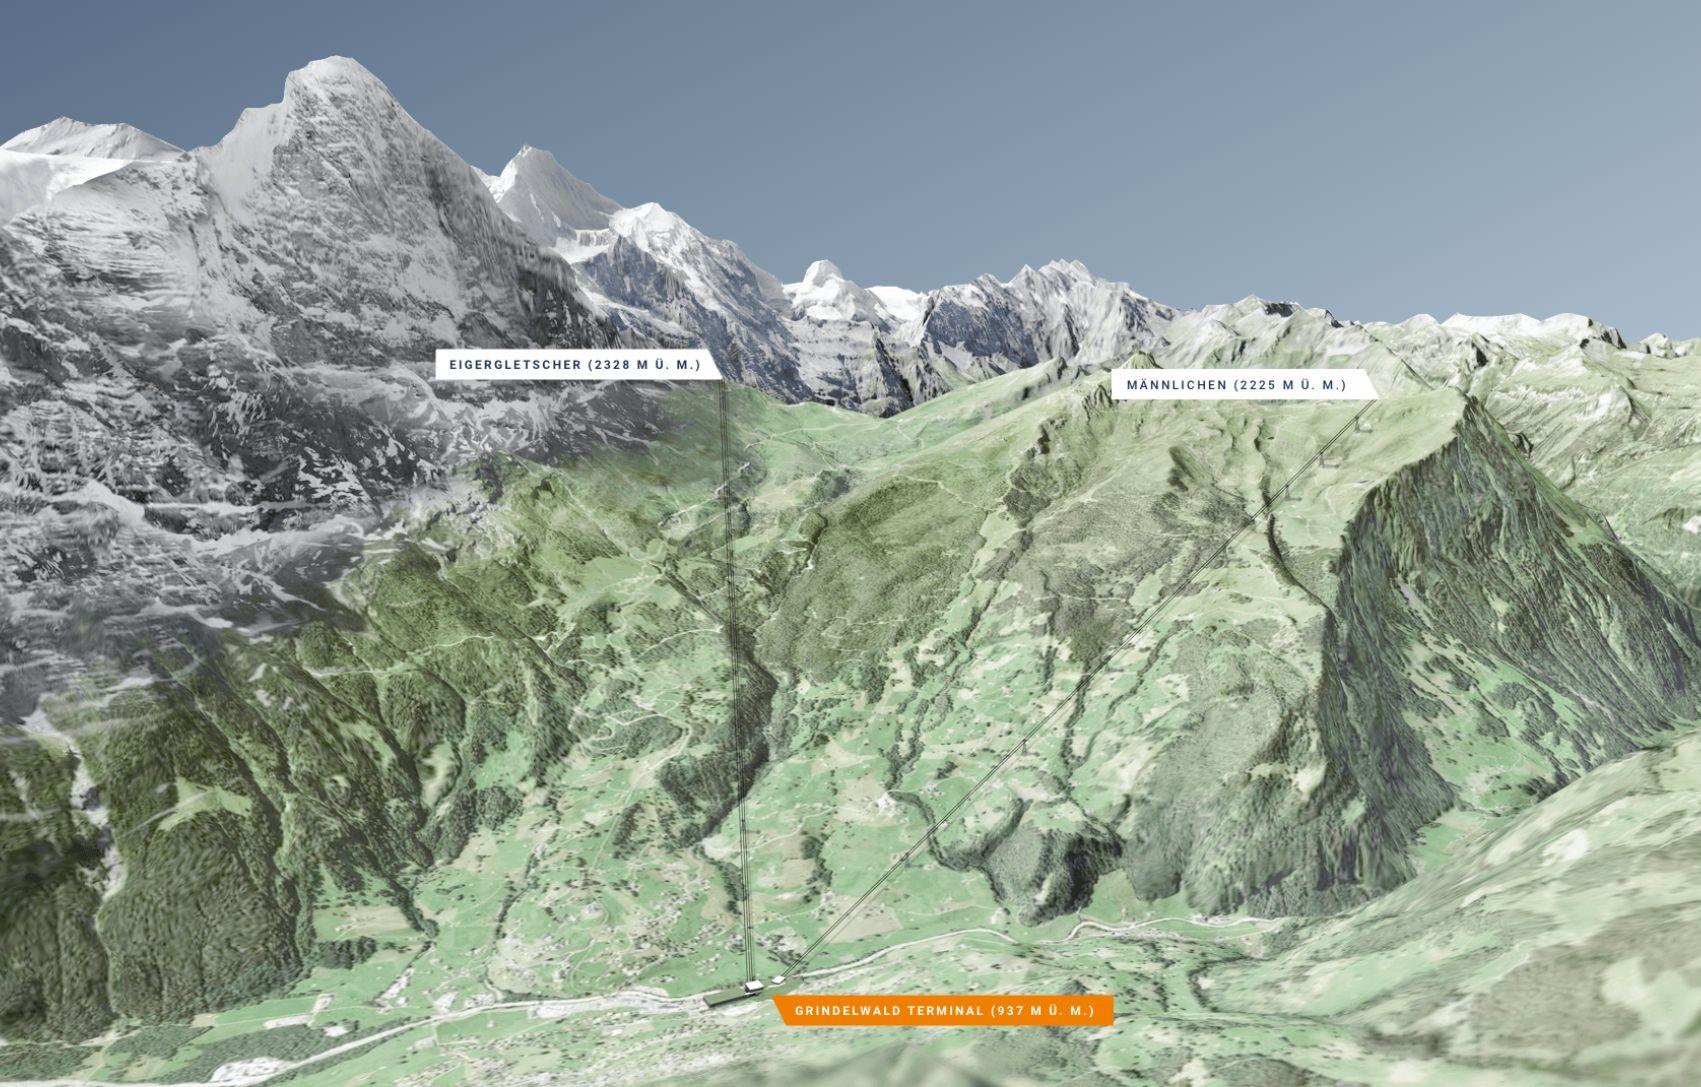 Het gigantische V-project in de Jungfrau Region